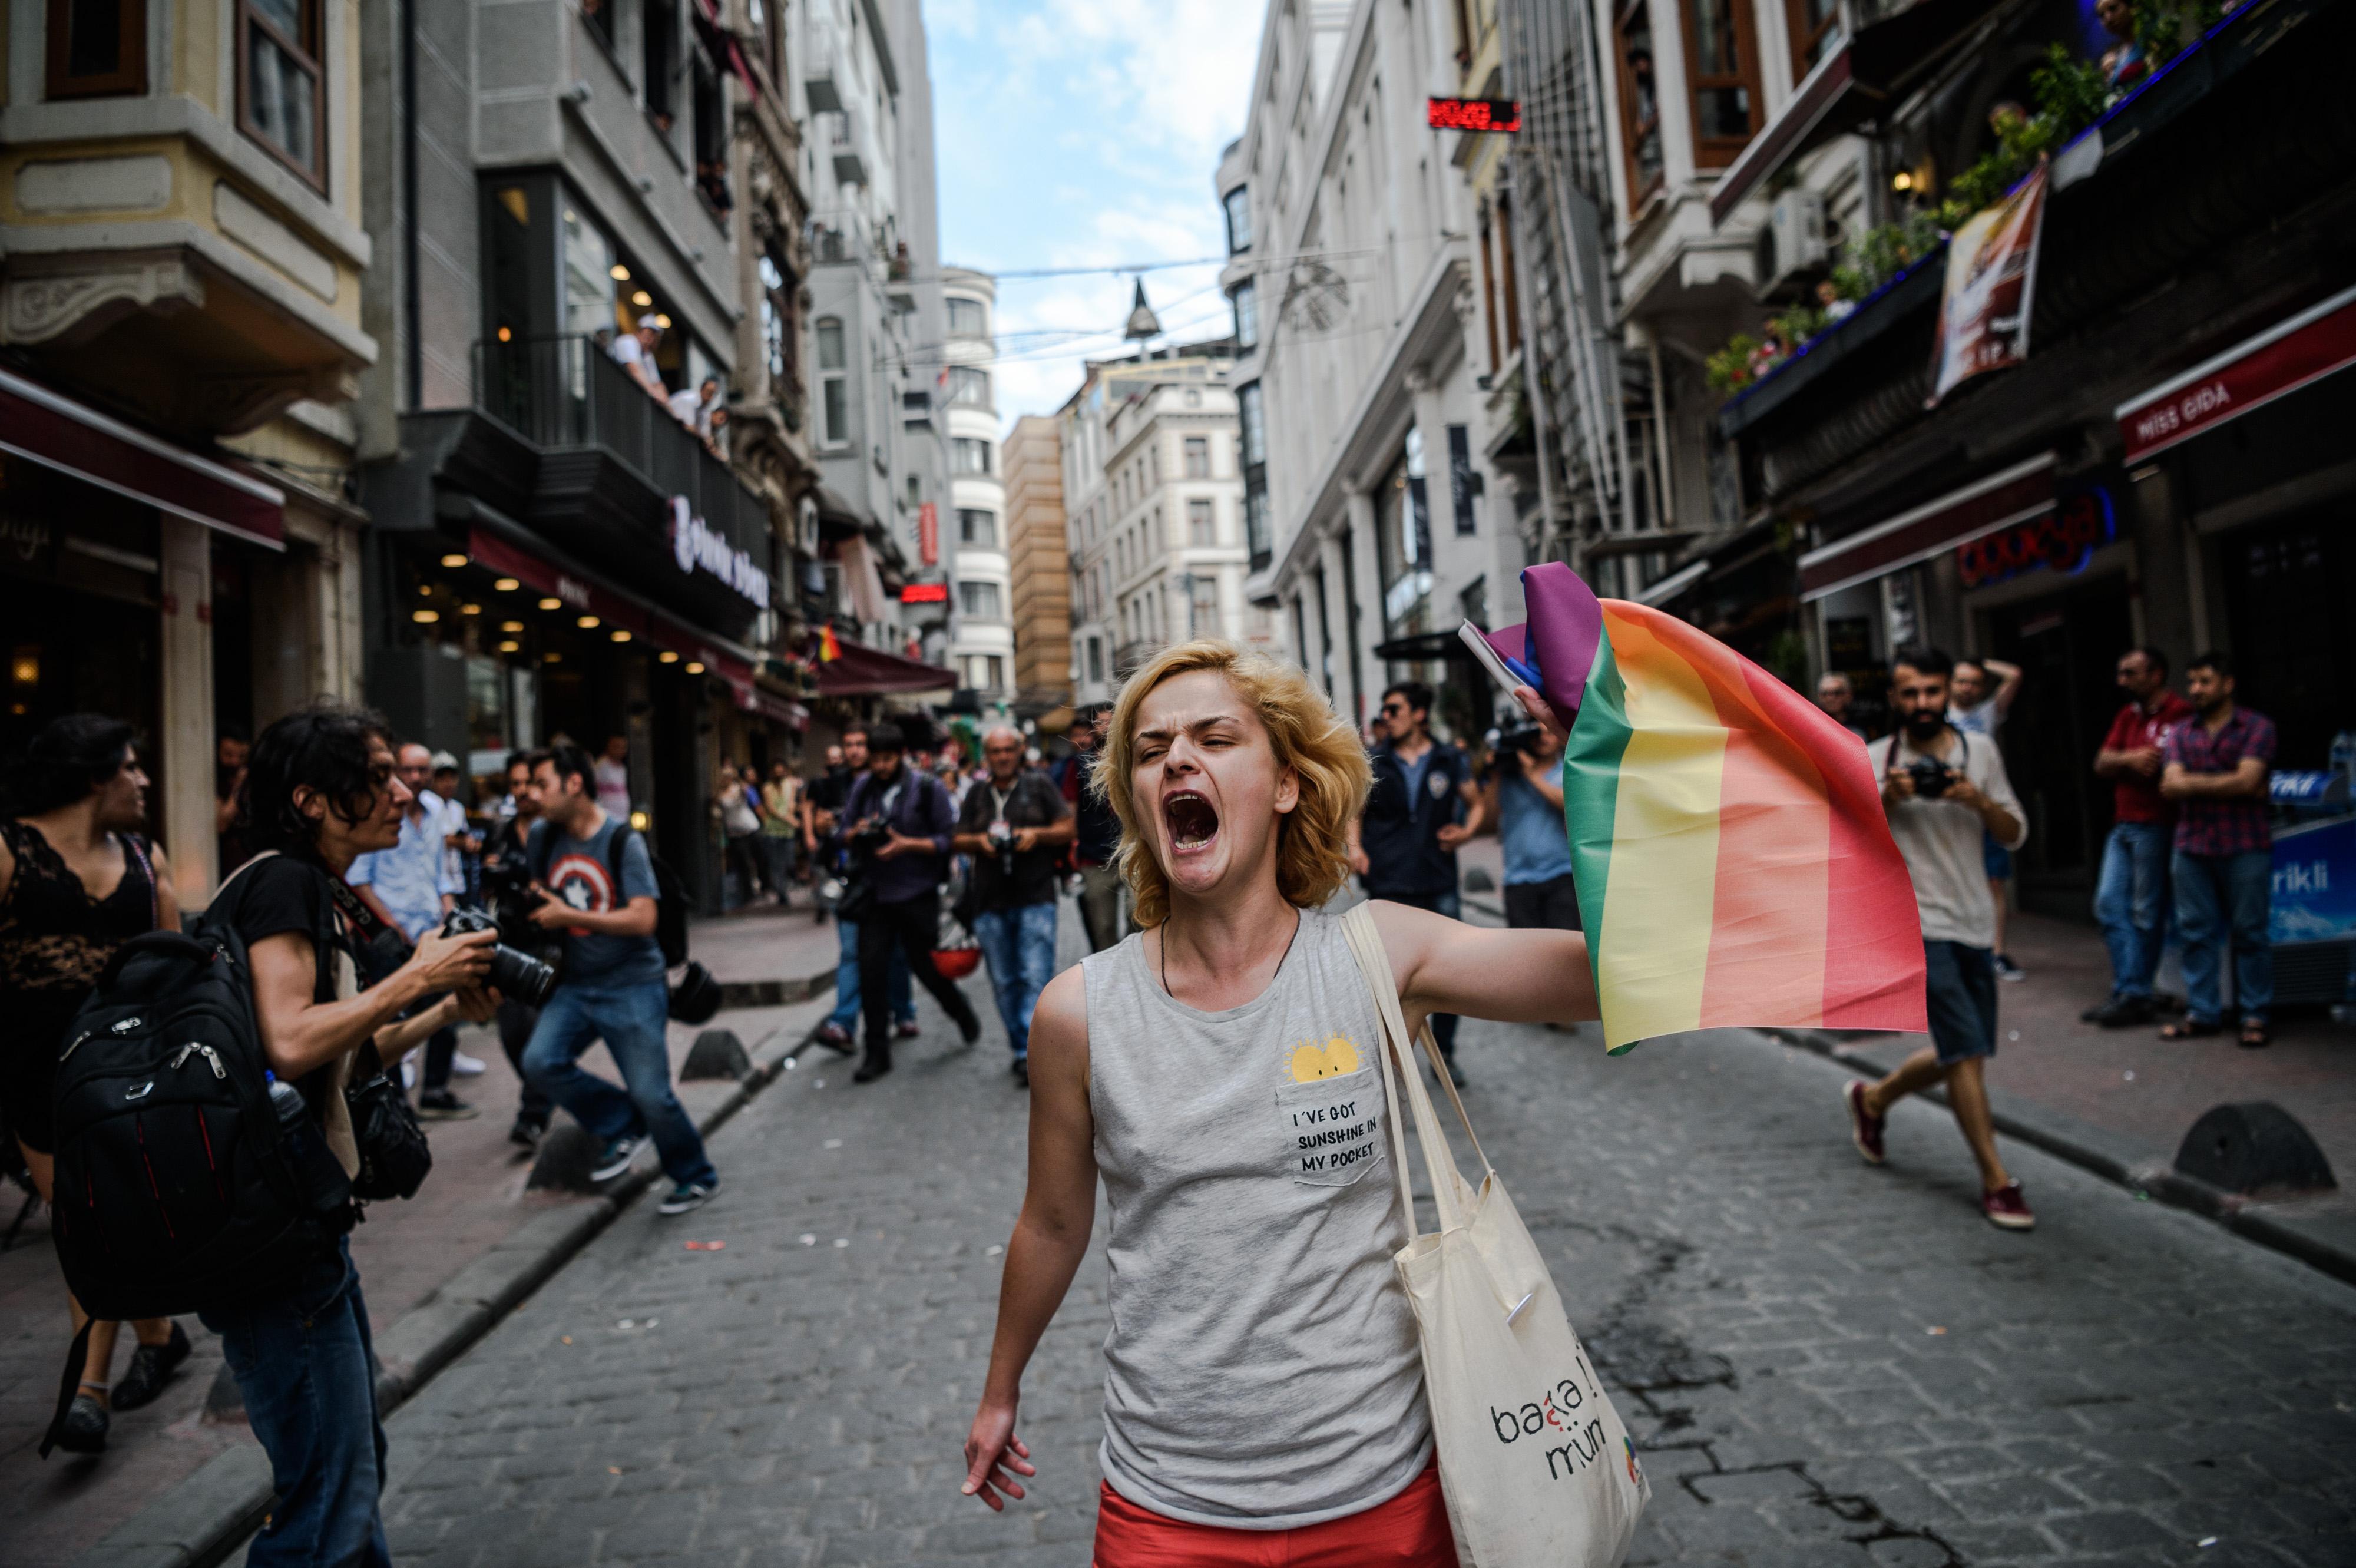 Egy német parlamenti képviselőt is őrizetbe vettek a feloszlatott isztambuli melegfelvonuláson